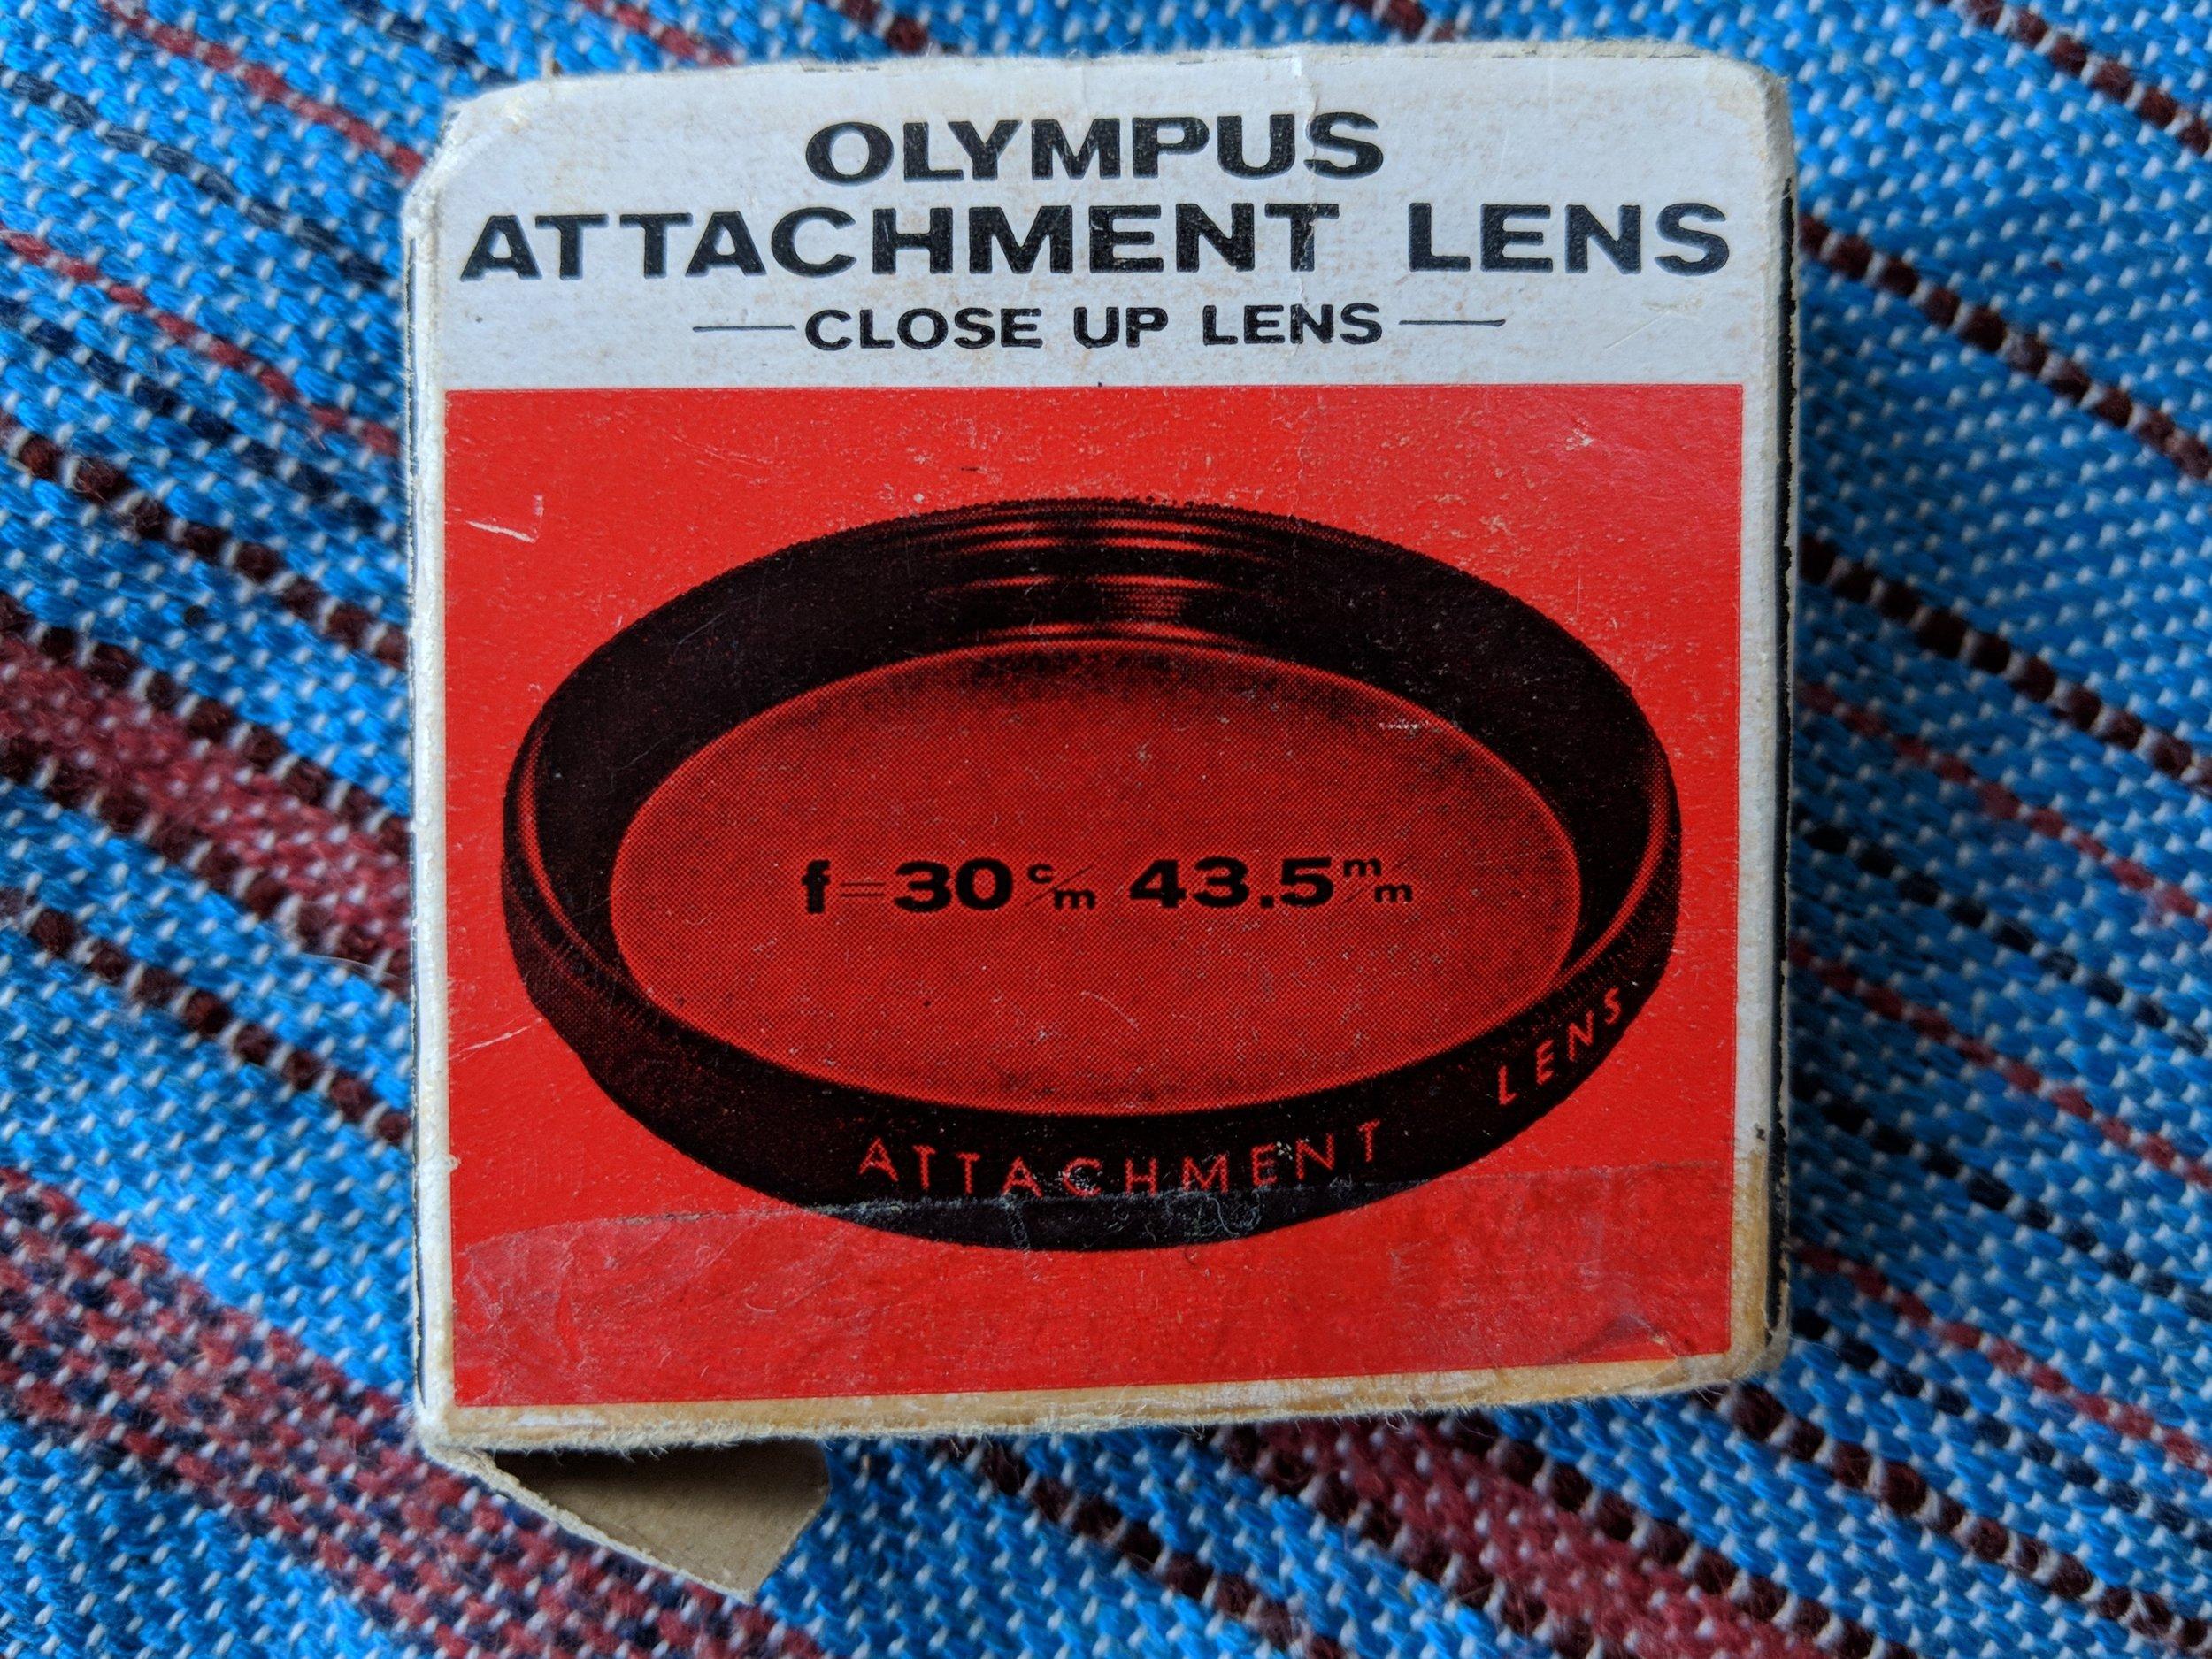 The original close up lens box